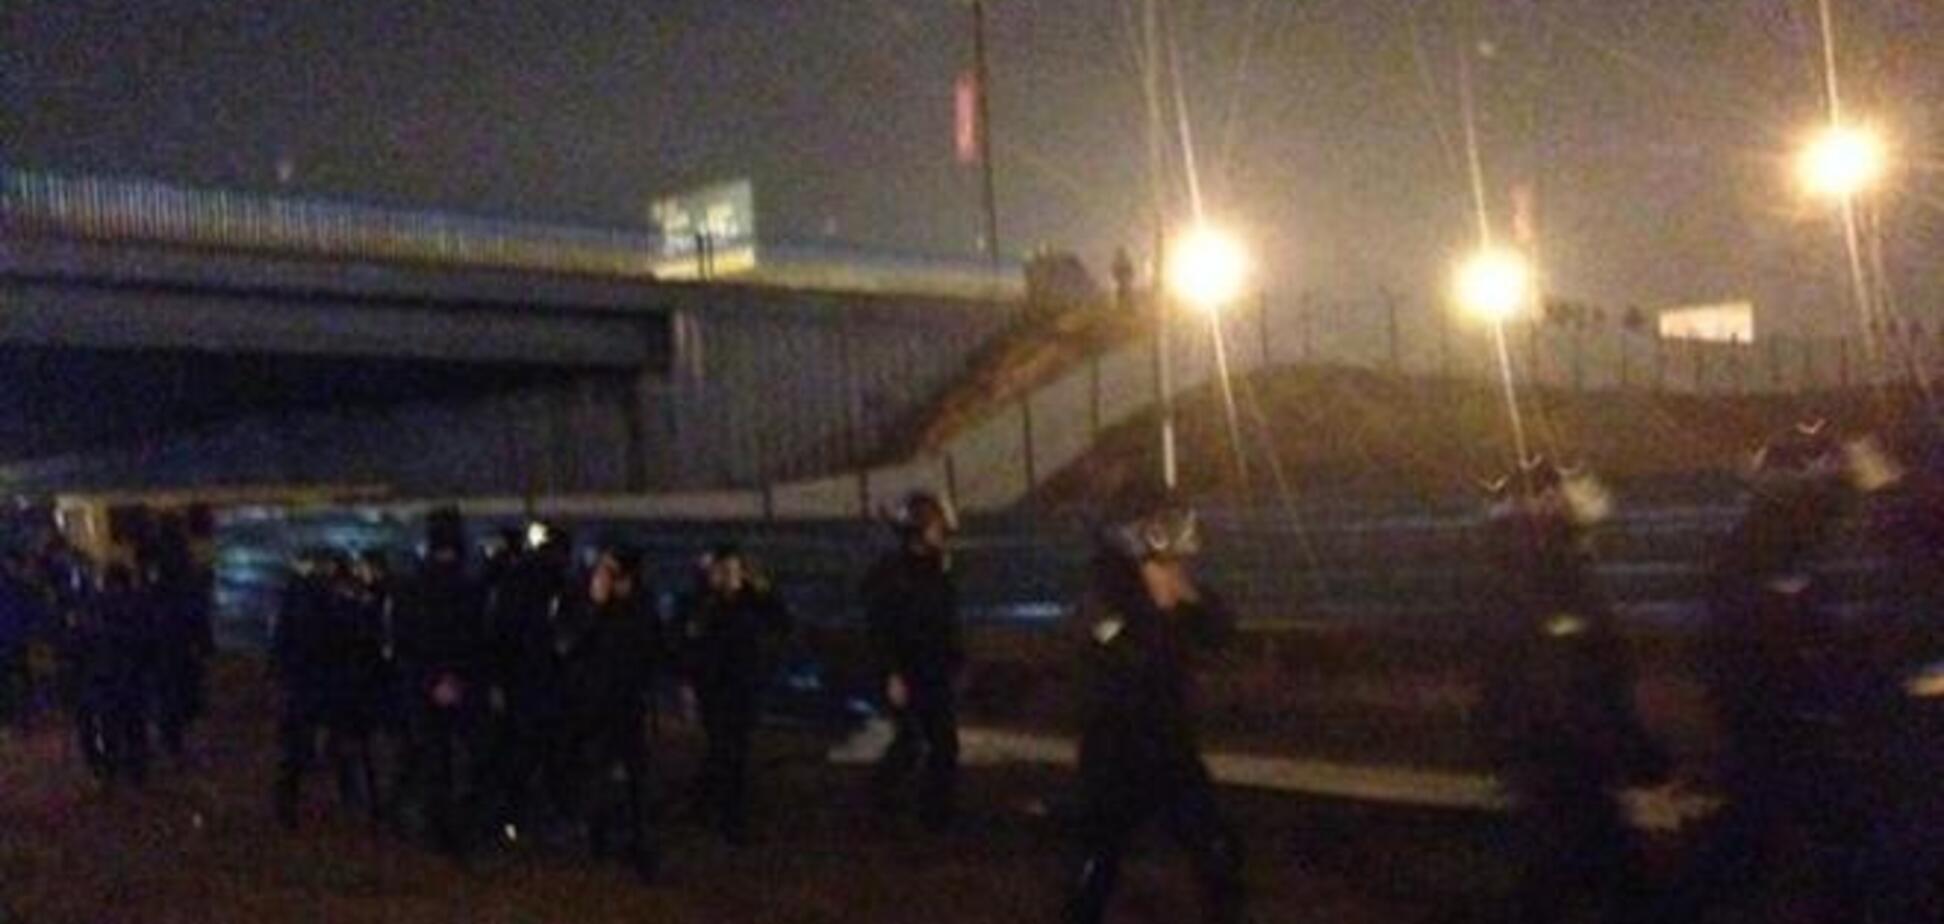 На Осокорках опять сожгли забор вокруг скандальной застройки: опубликованы фото